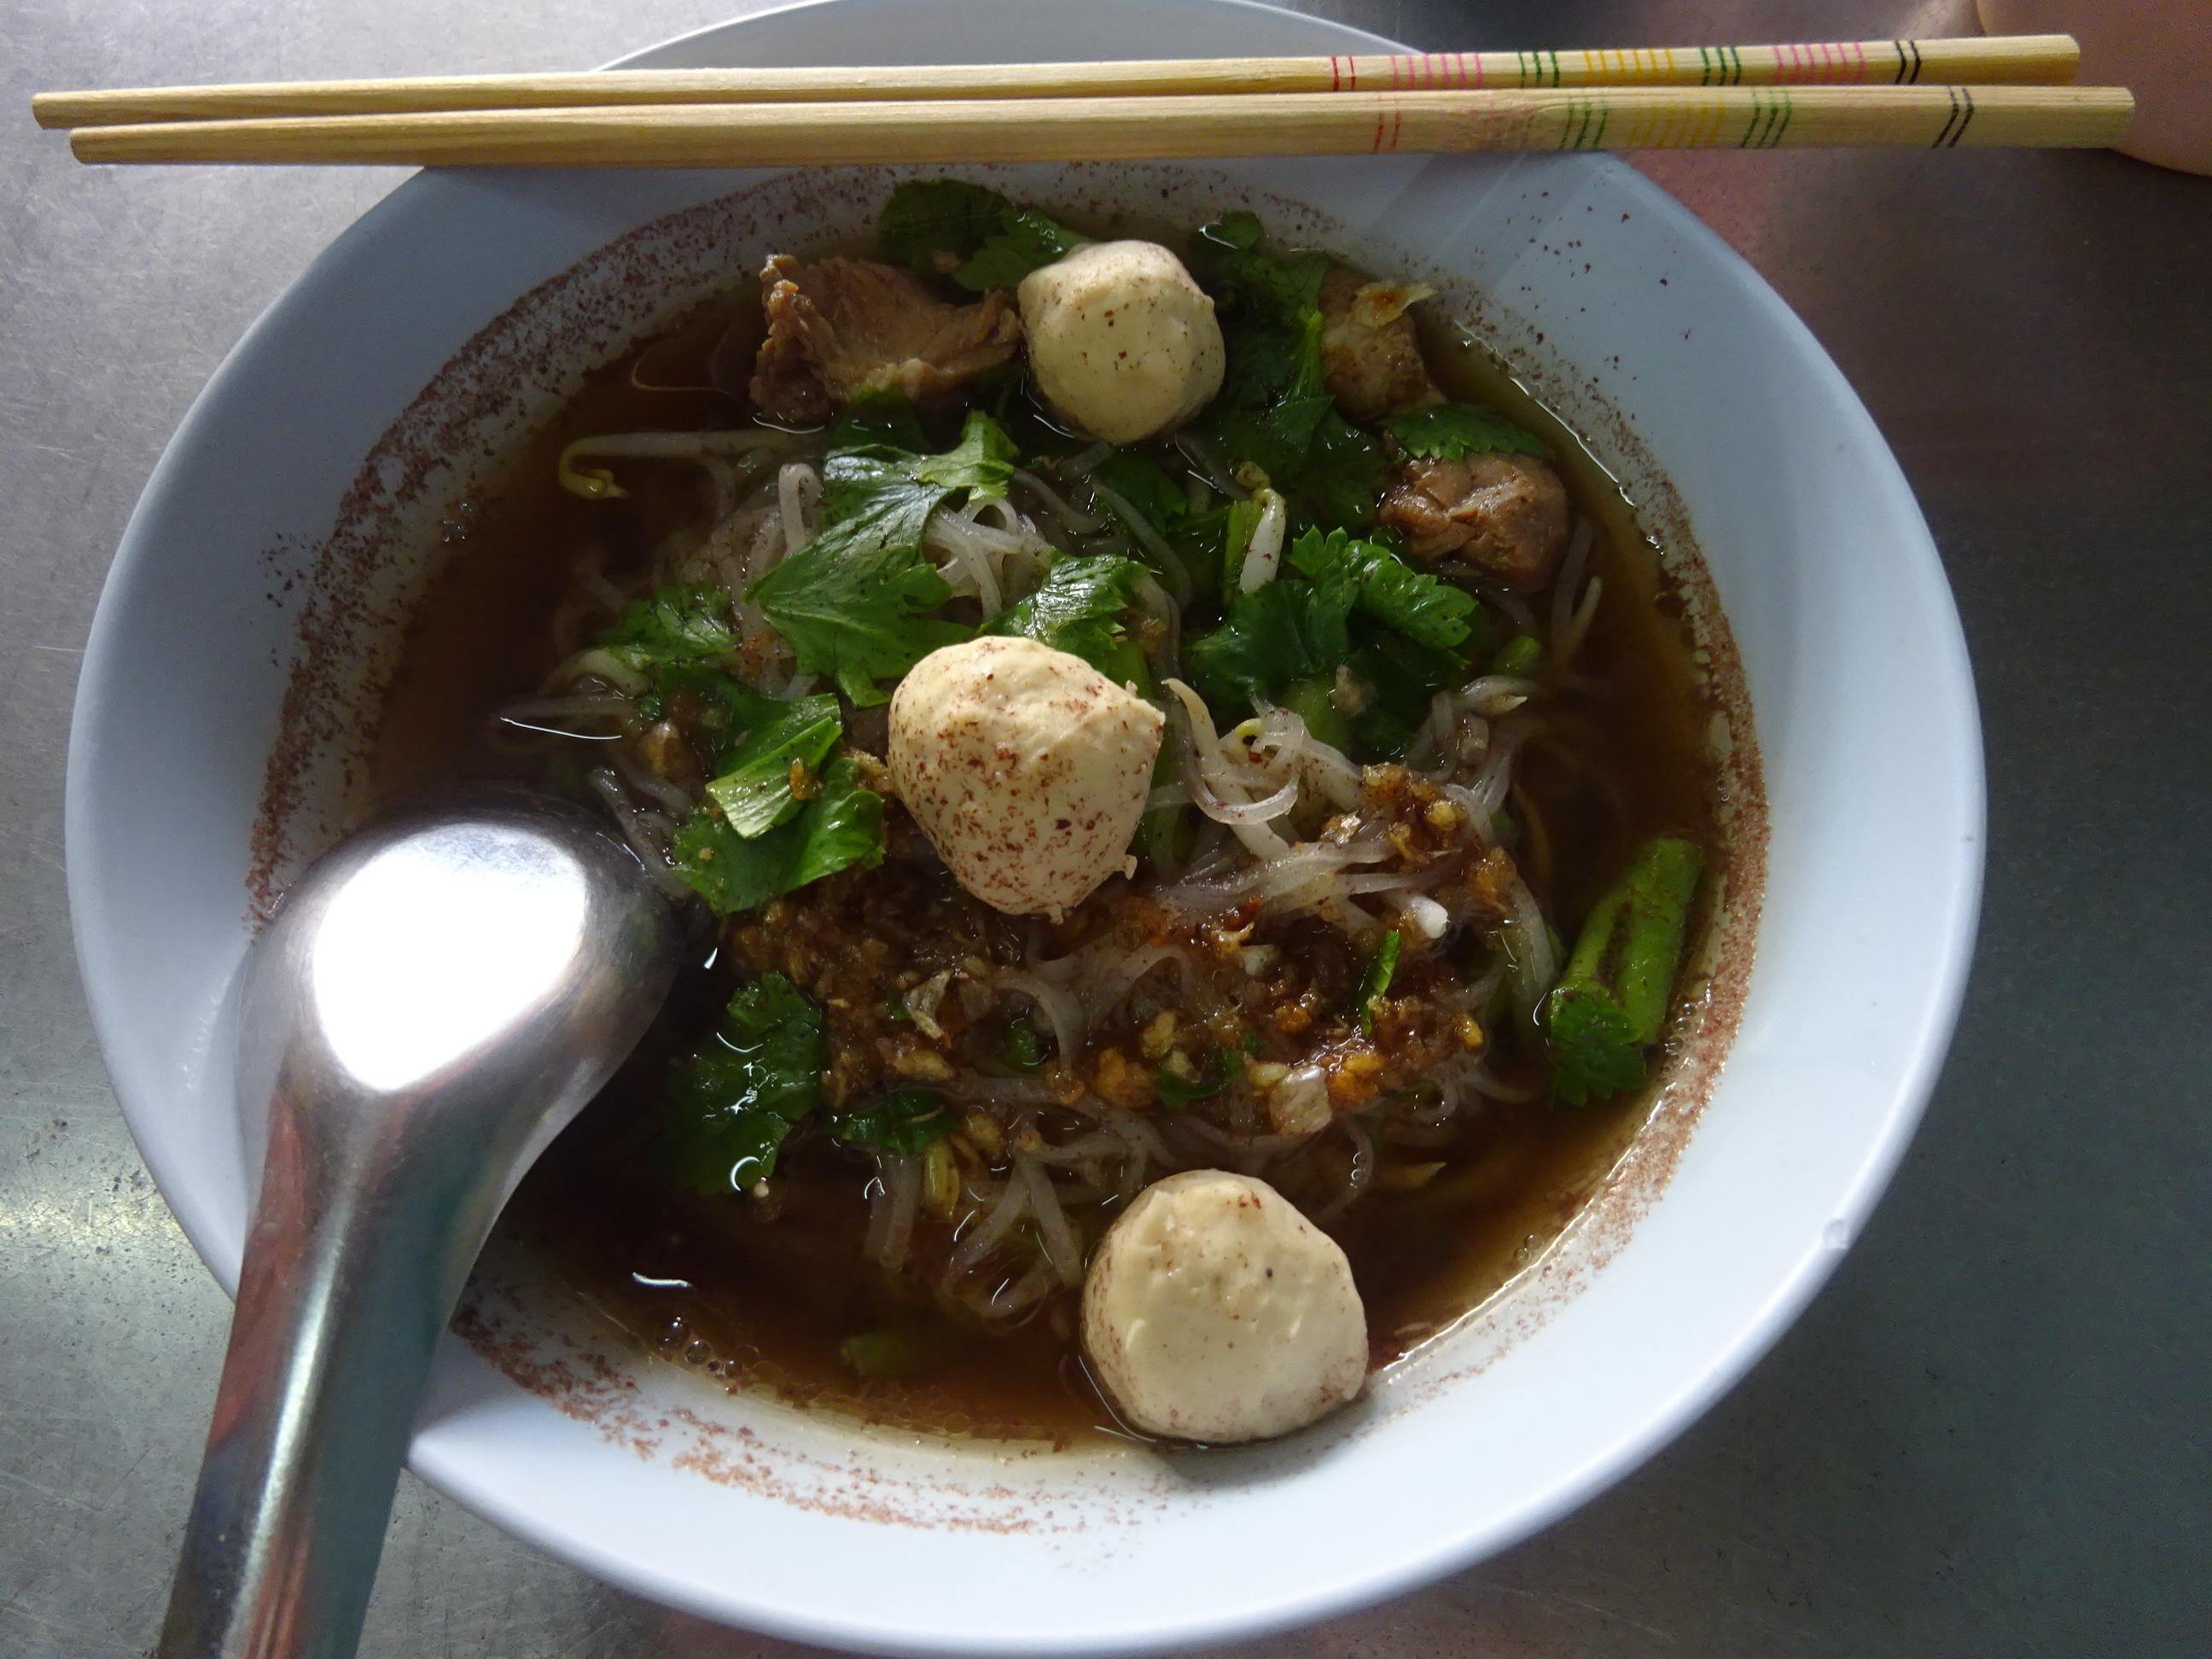 バンコクの屋台「B級グルメ」おすすめ麺料理